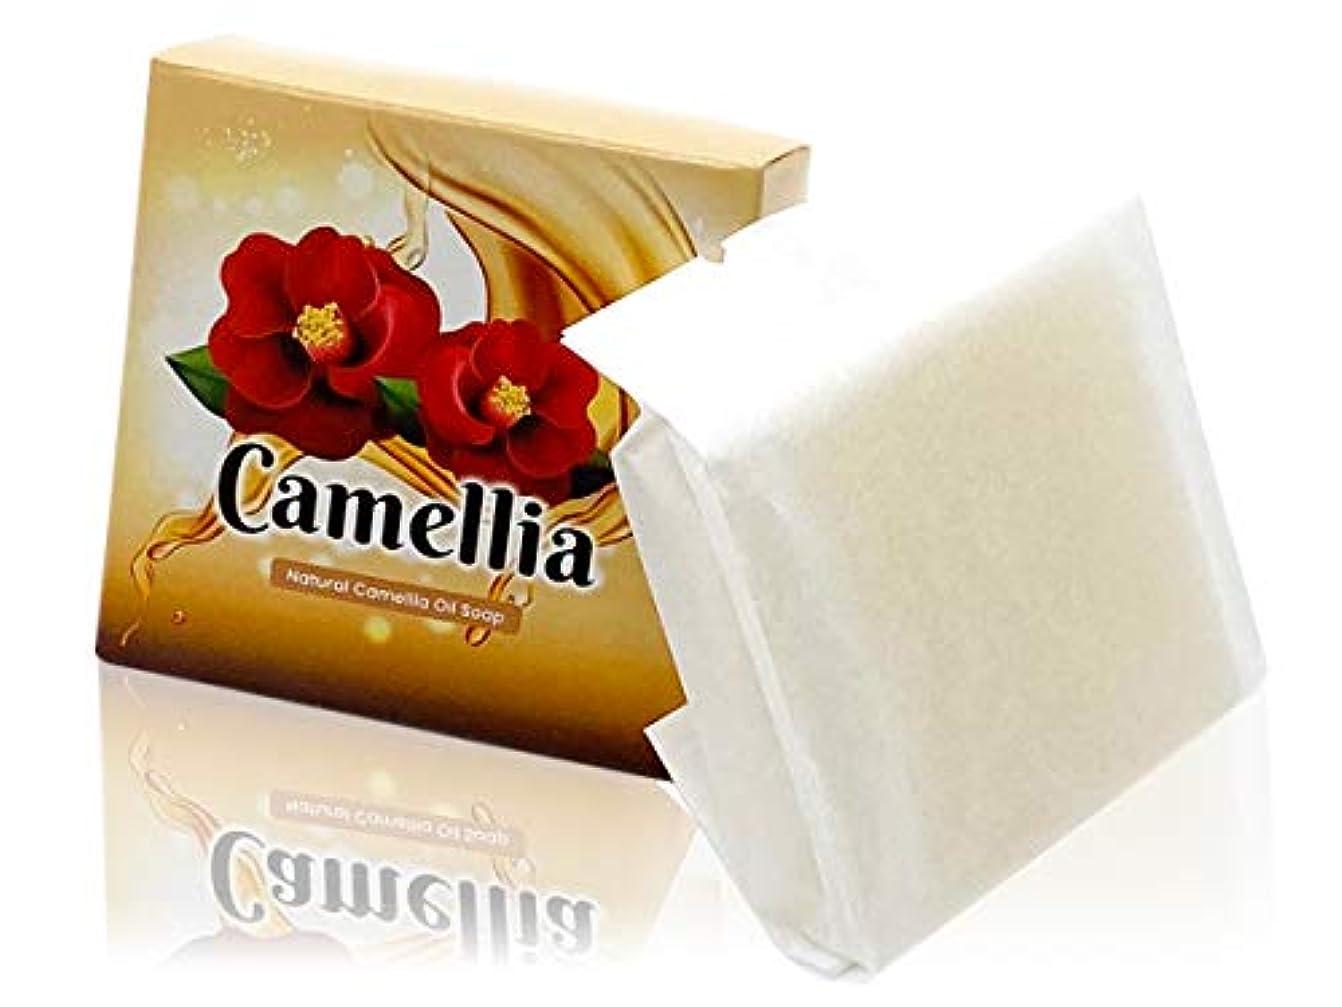 完璧つかむお客様【Amazon限定】つばき油 無添加洗顔ソープ Natural Camellia Oil Soap 【にきび対策?毛穴?黒ずみ?美白?保湿】石鹸一筋18年 日本製